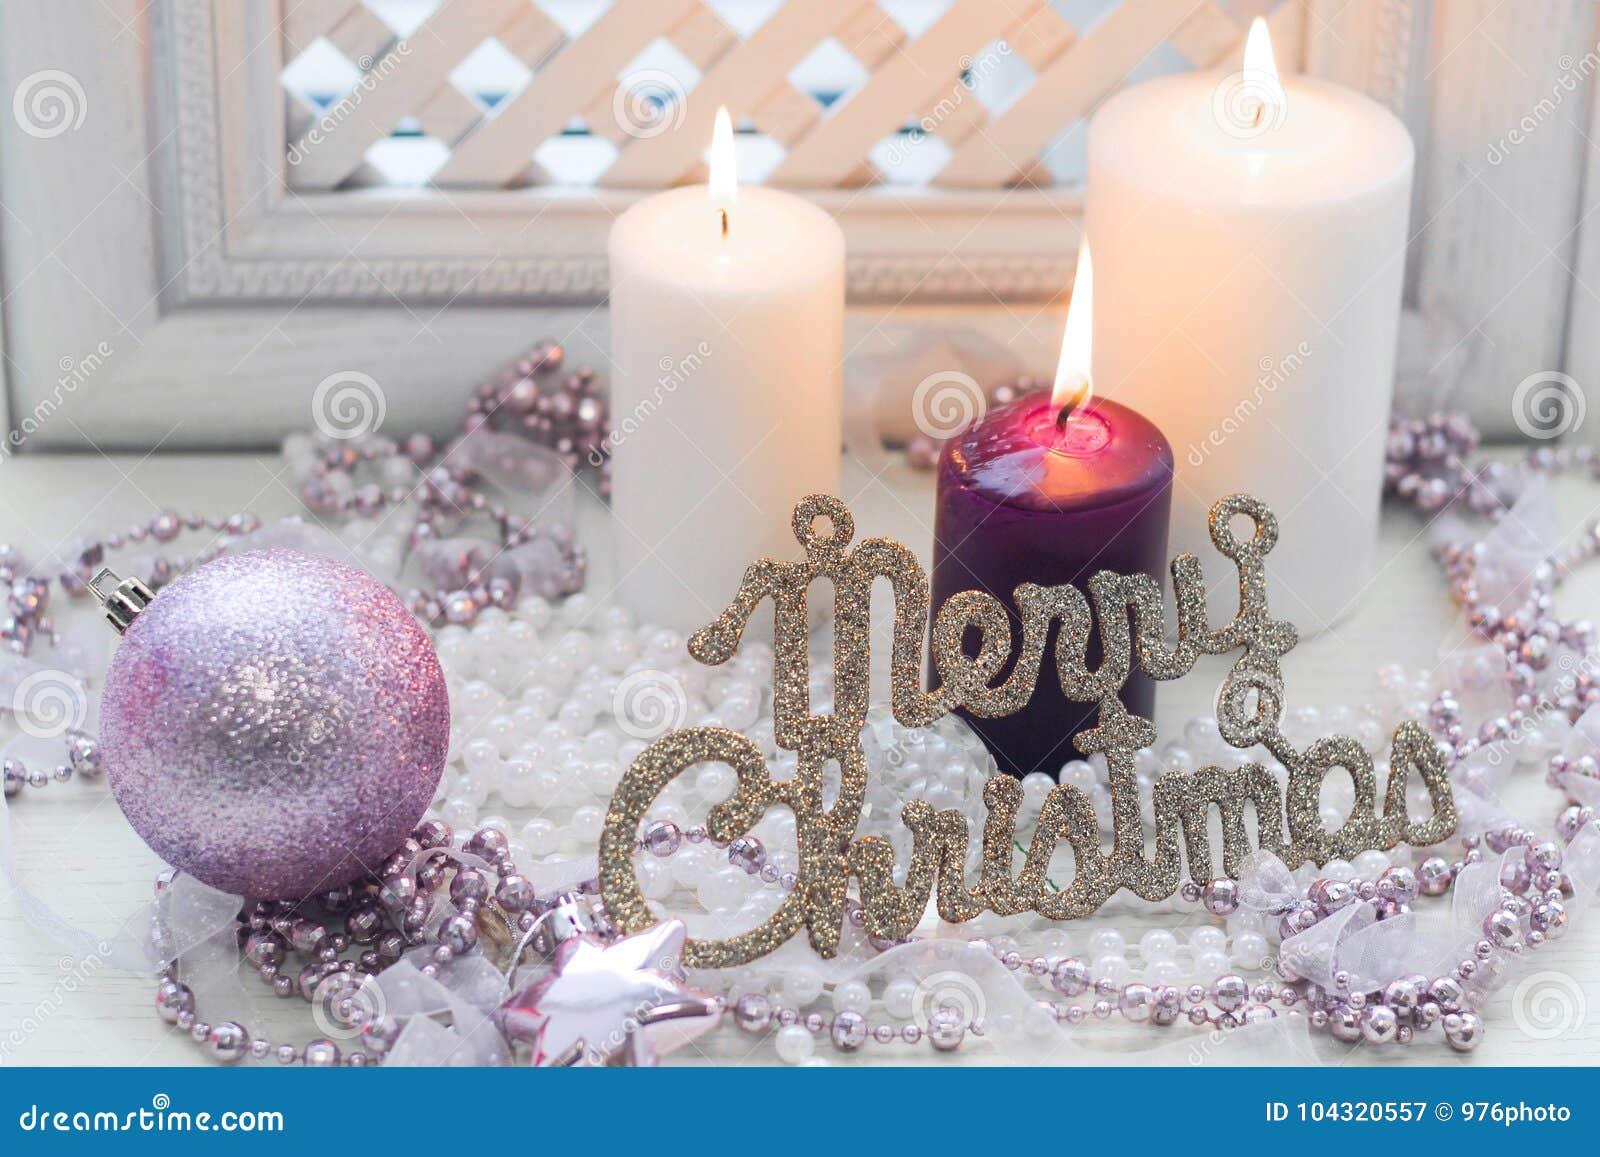 Inscription de Joyeux Noël, bougies brûlantes et décorations roses sensibles